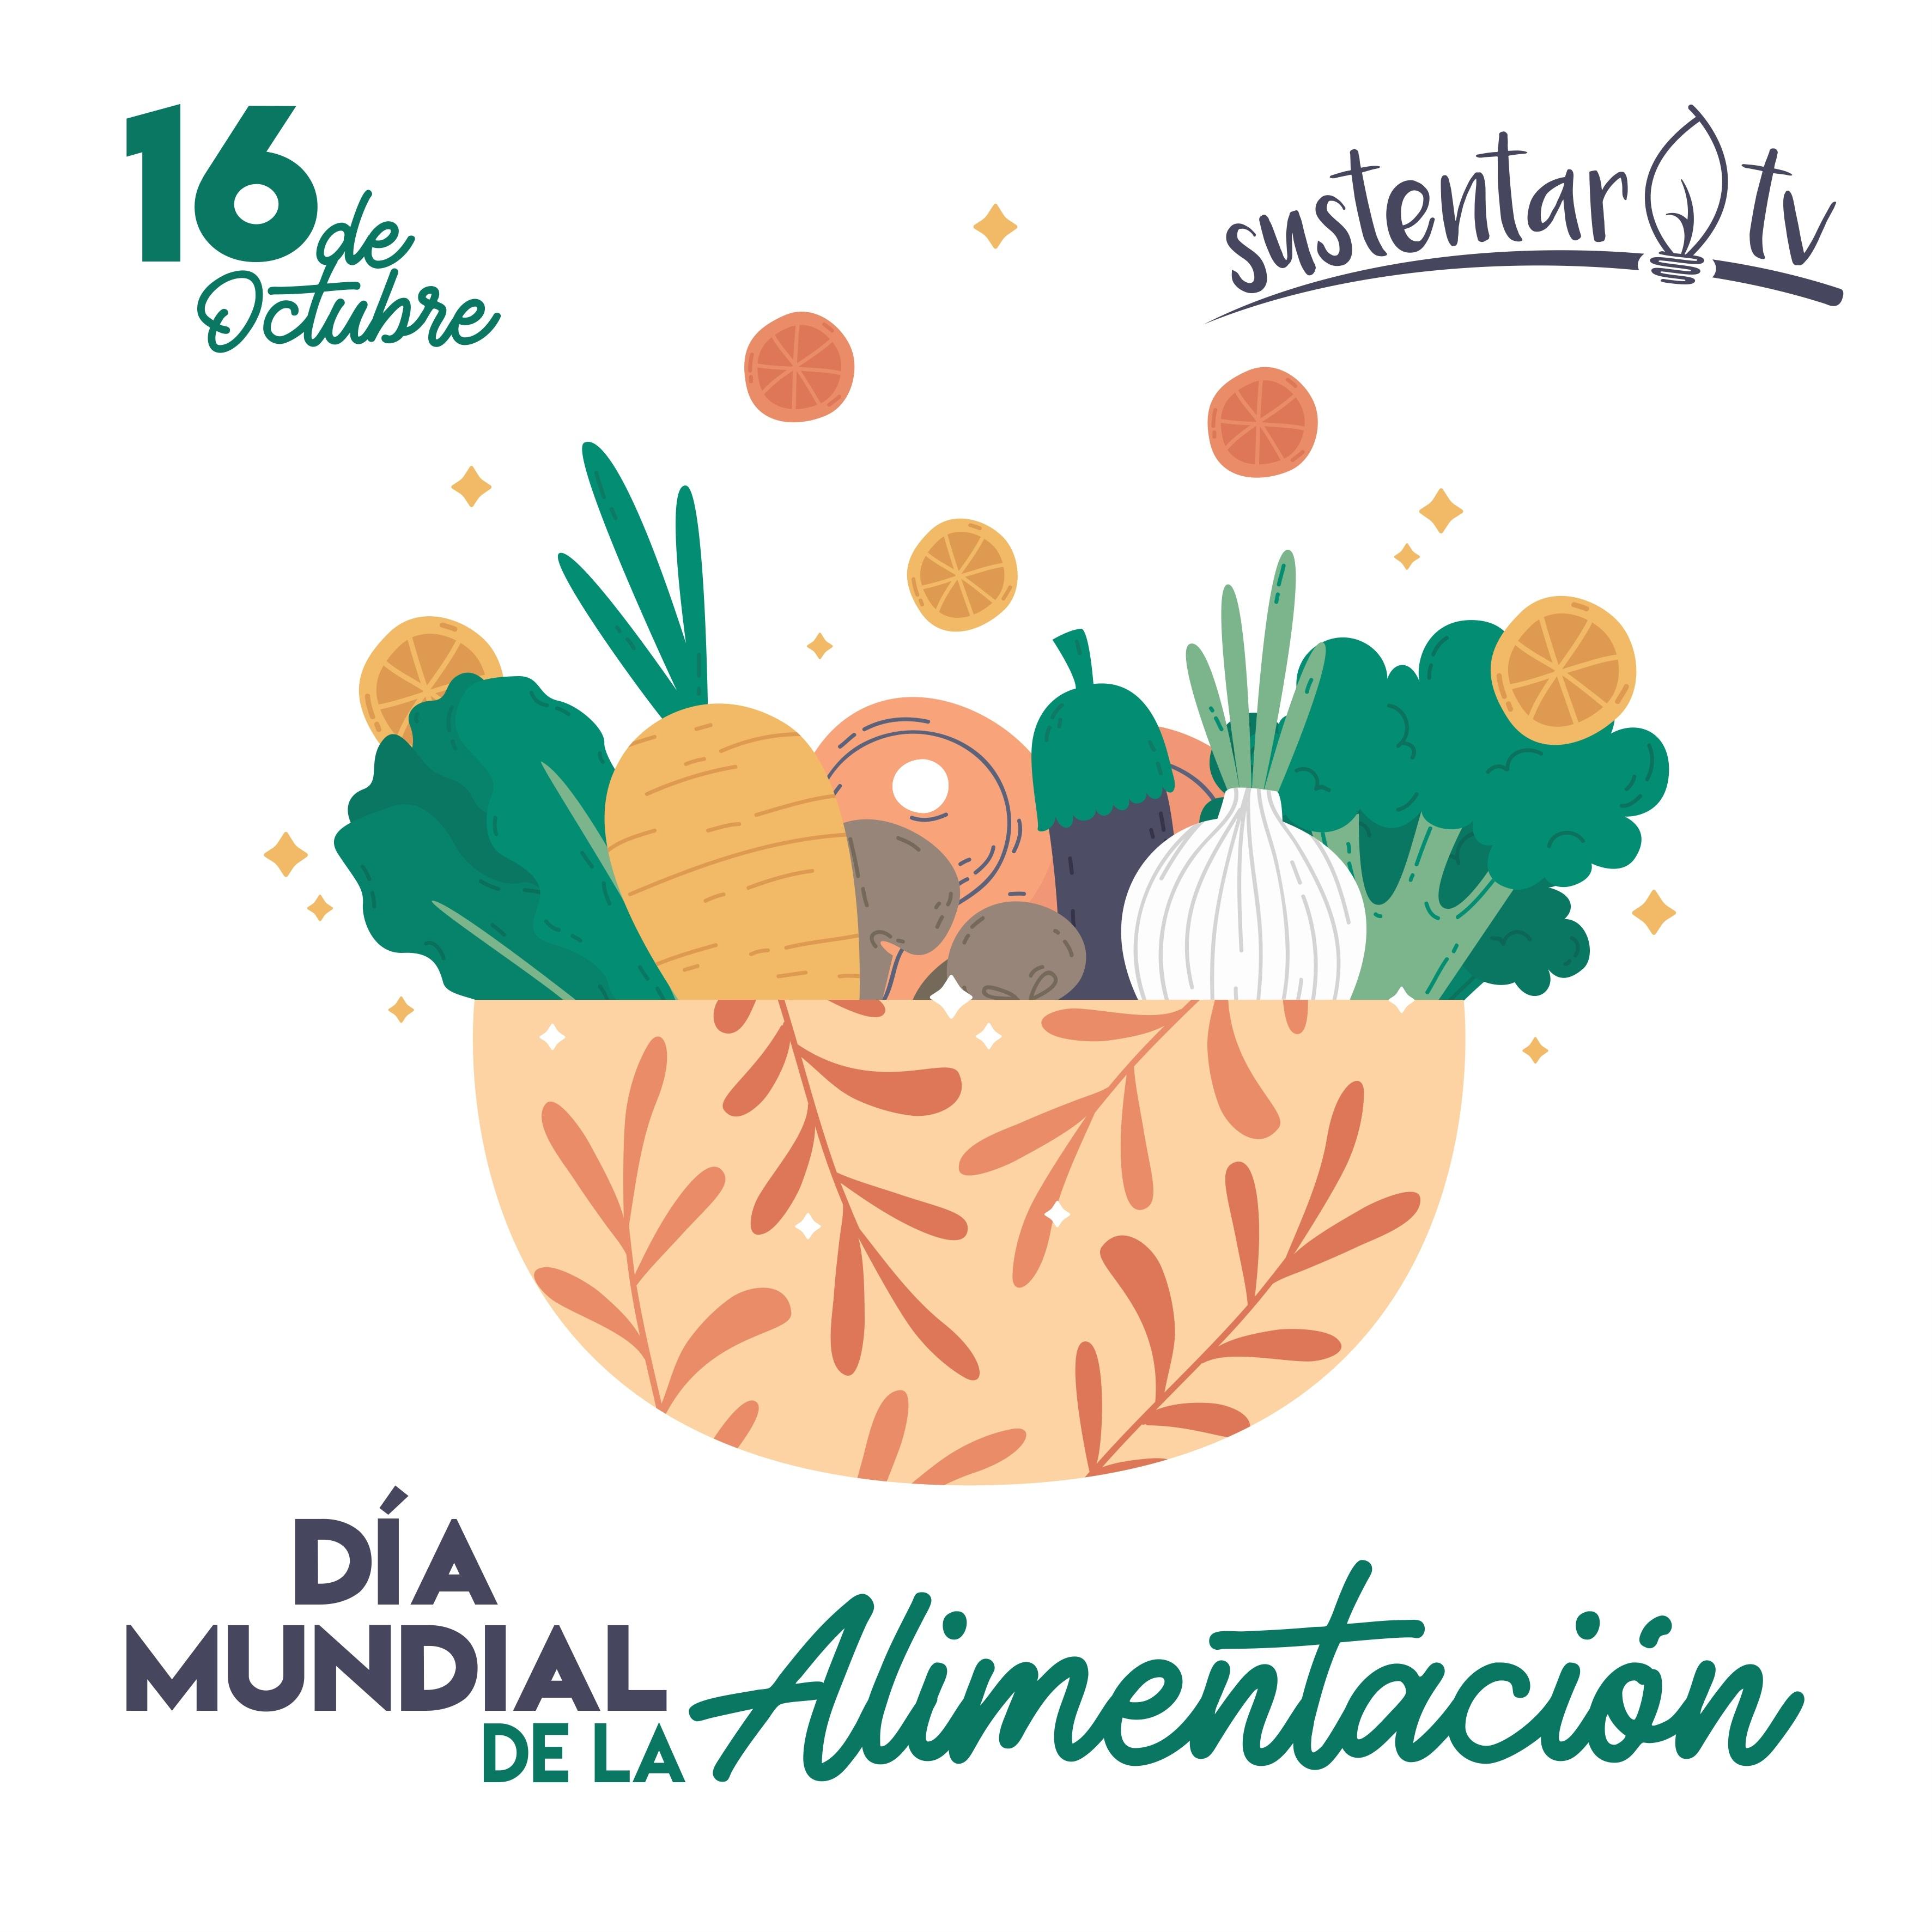 Dia Mundial De La Alimentacion Una Alimentacion Sana Para Un Mundo Hambre Cero Sustentartv